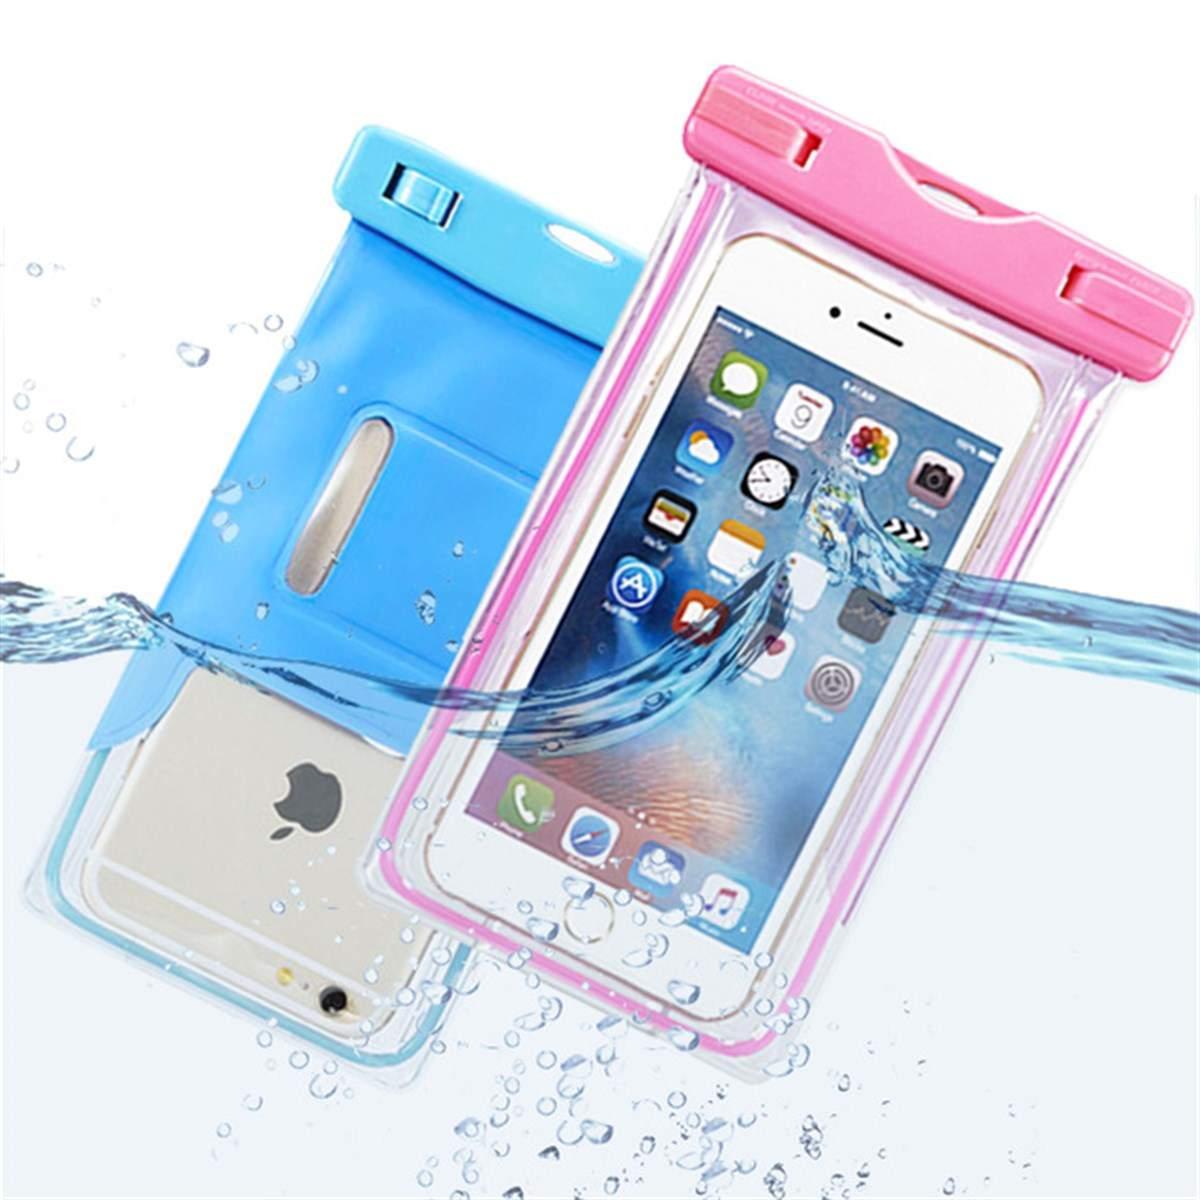 Su Geçirmez Deniz Havuz Kılıfı Askılı Tüm Telefonlarla Uyumlu